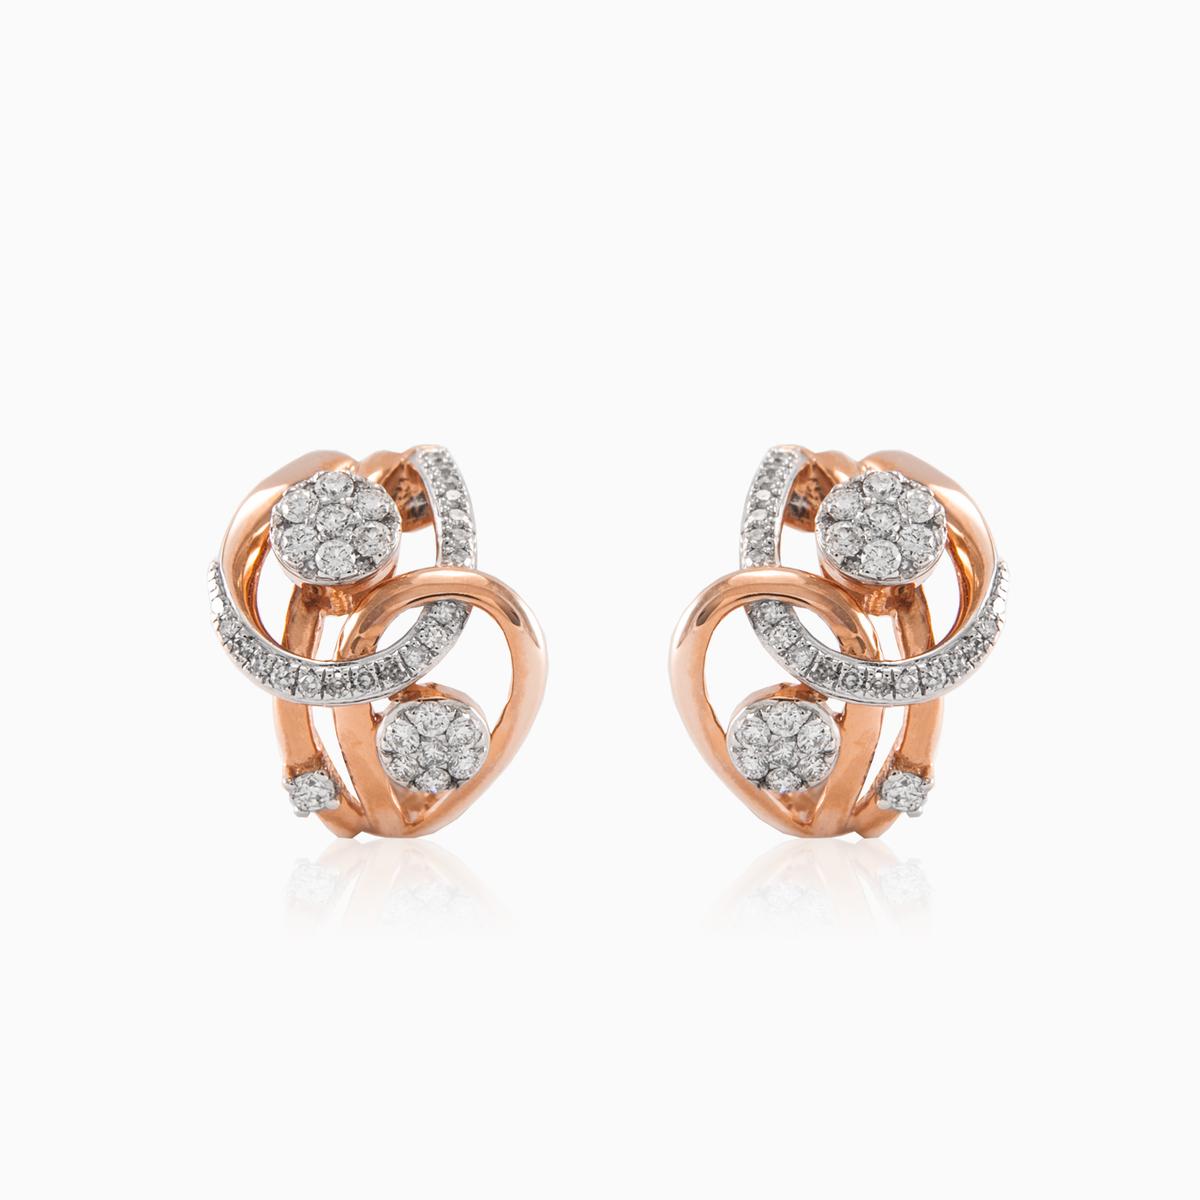 Unique Diamond Earrings Monte Cristo